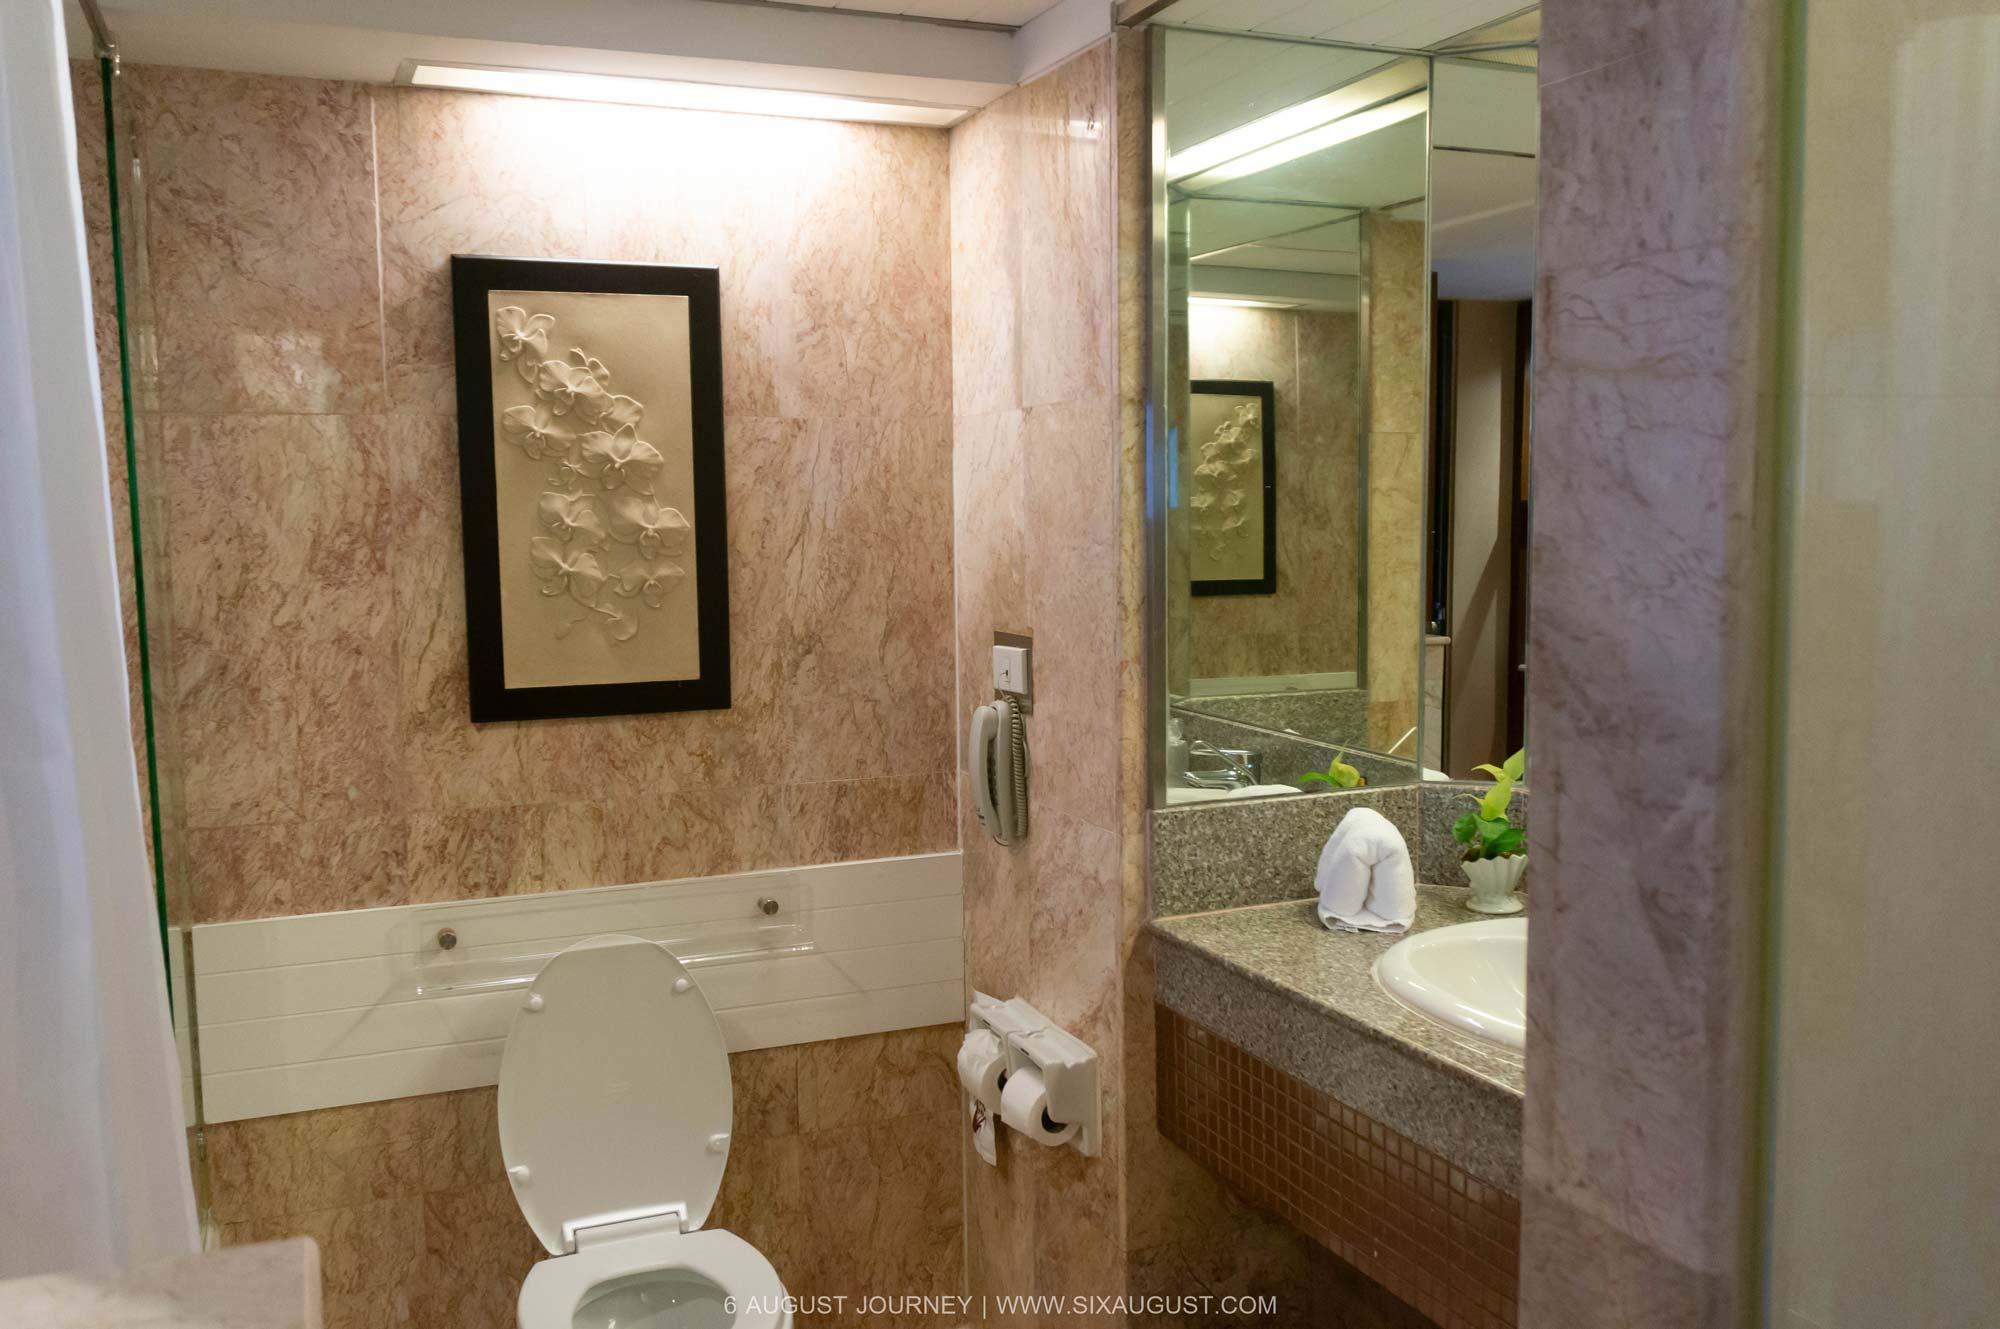 ห้องน้ำ โรงแรมเอเชีย รีวิว